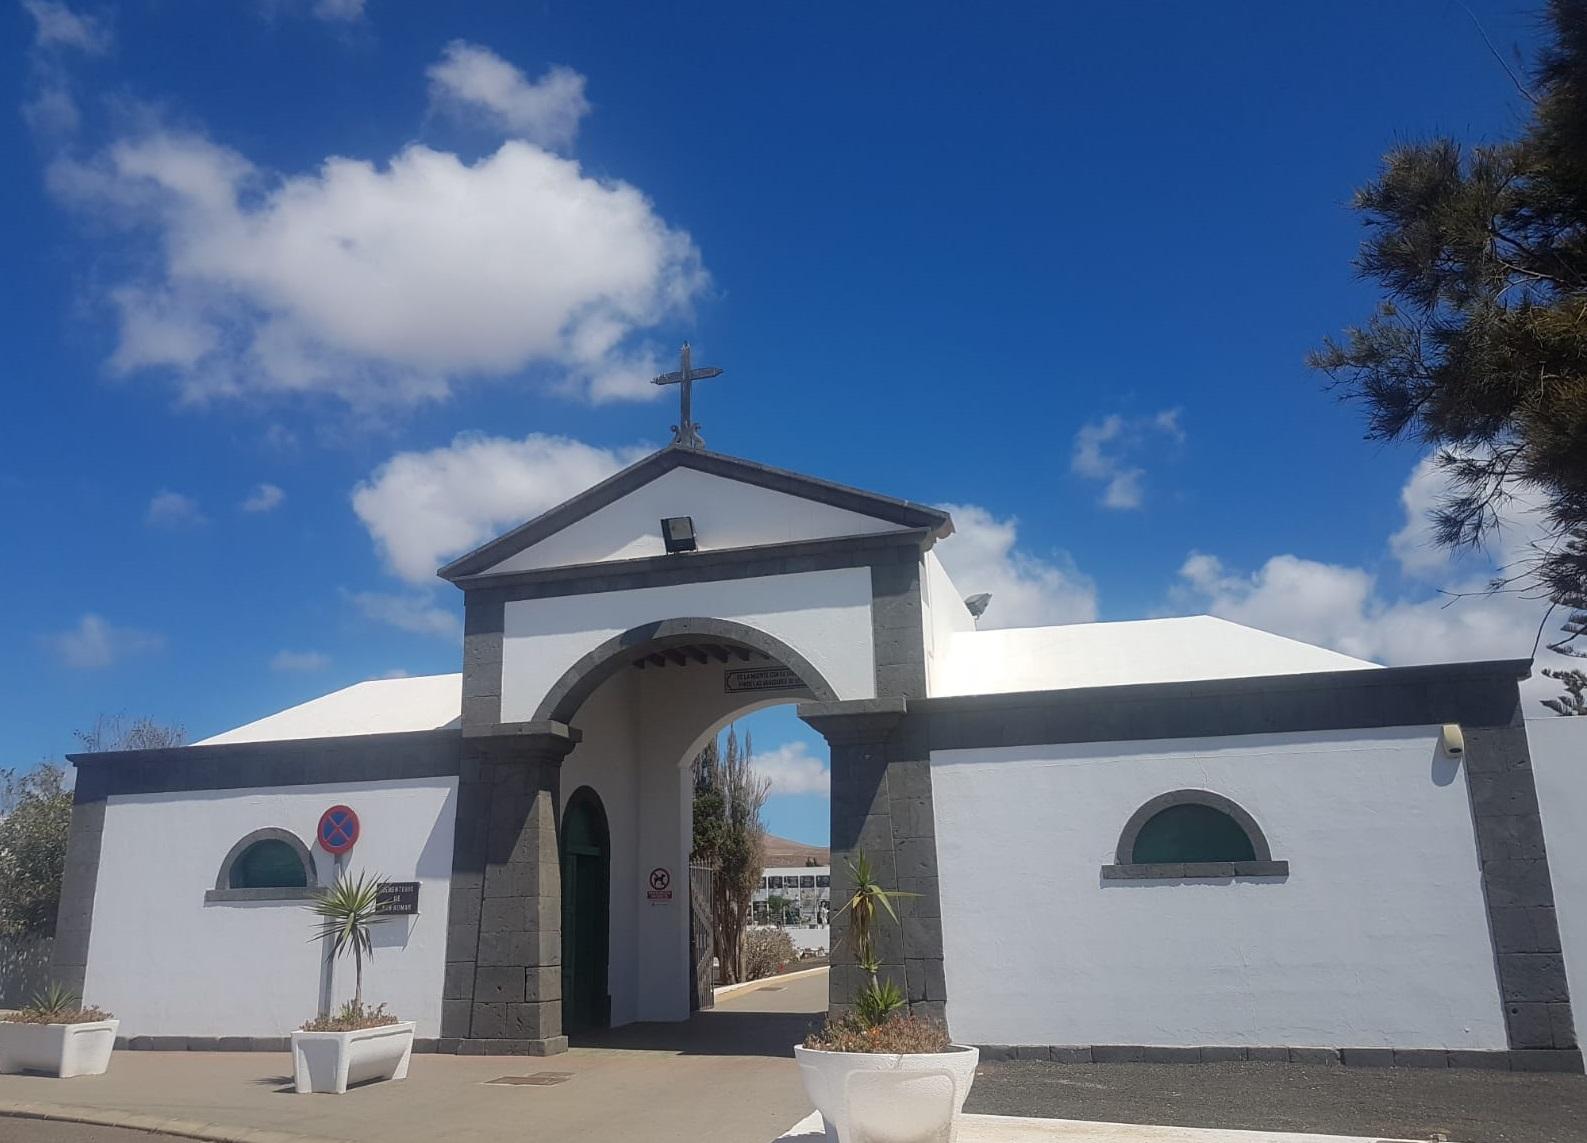 El Ayuntamiento de Arrecife cierra el cementerio unas horas para someterlo a una fumigación